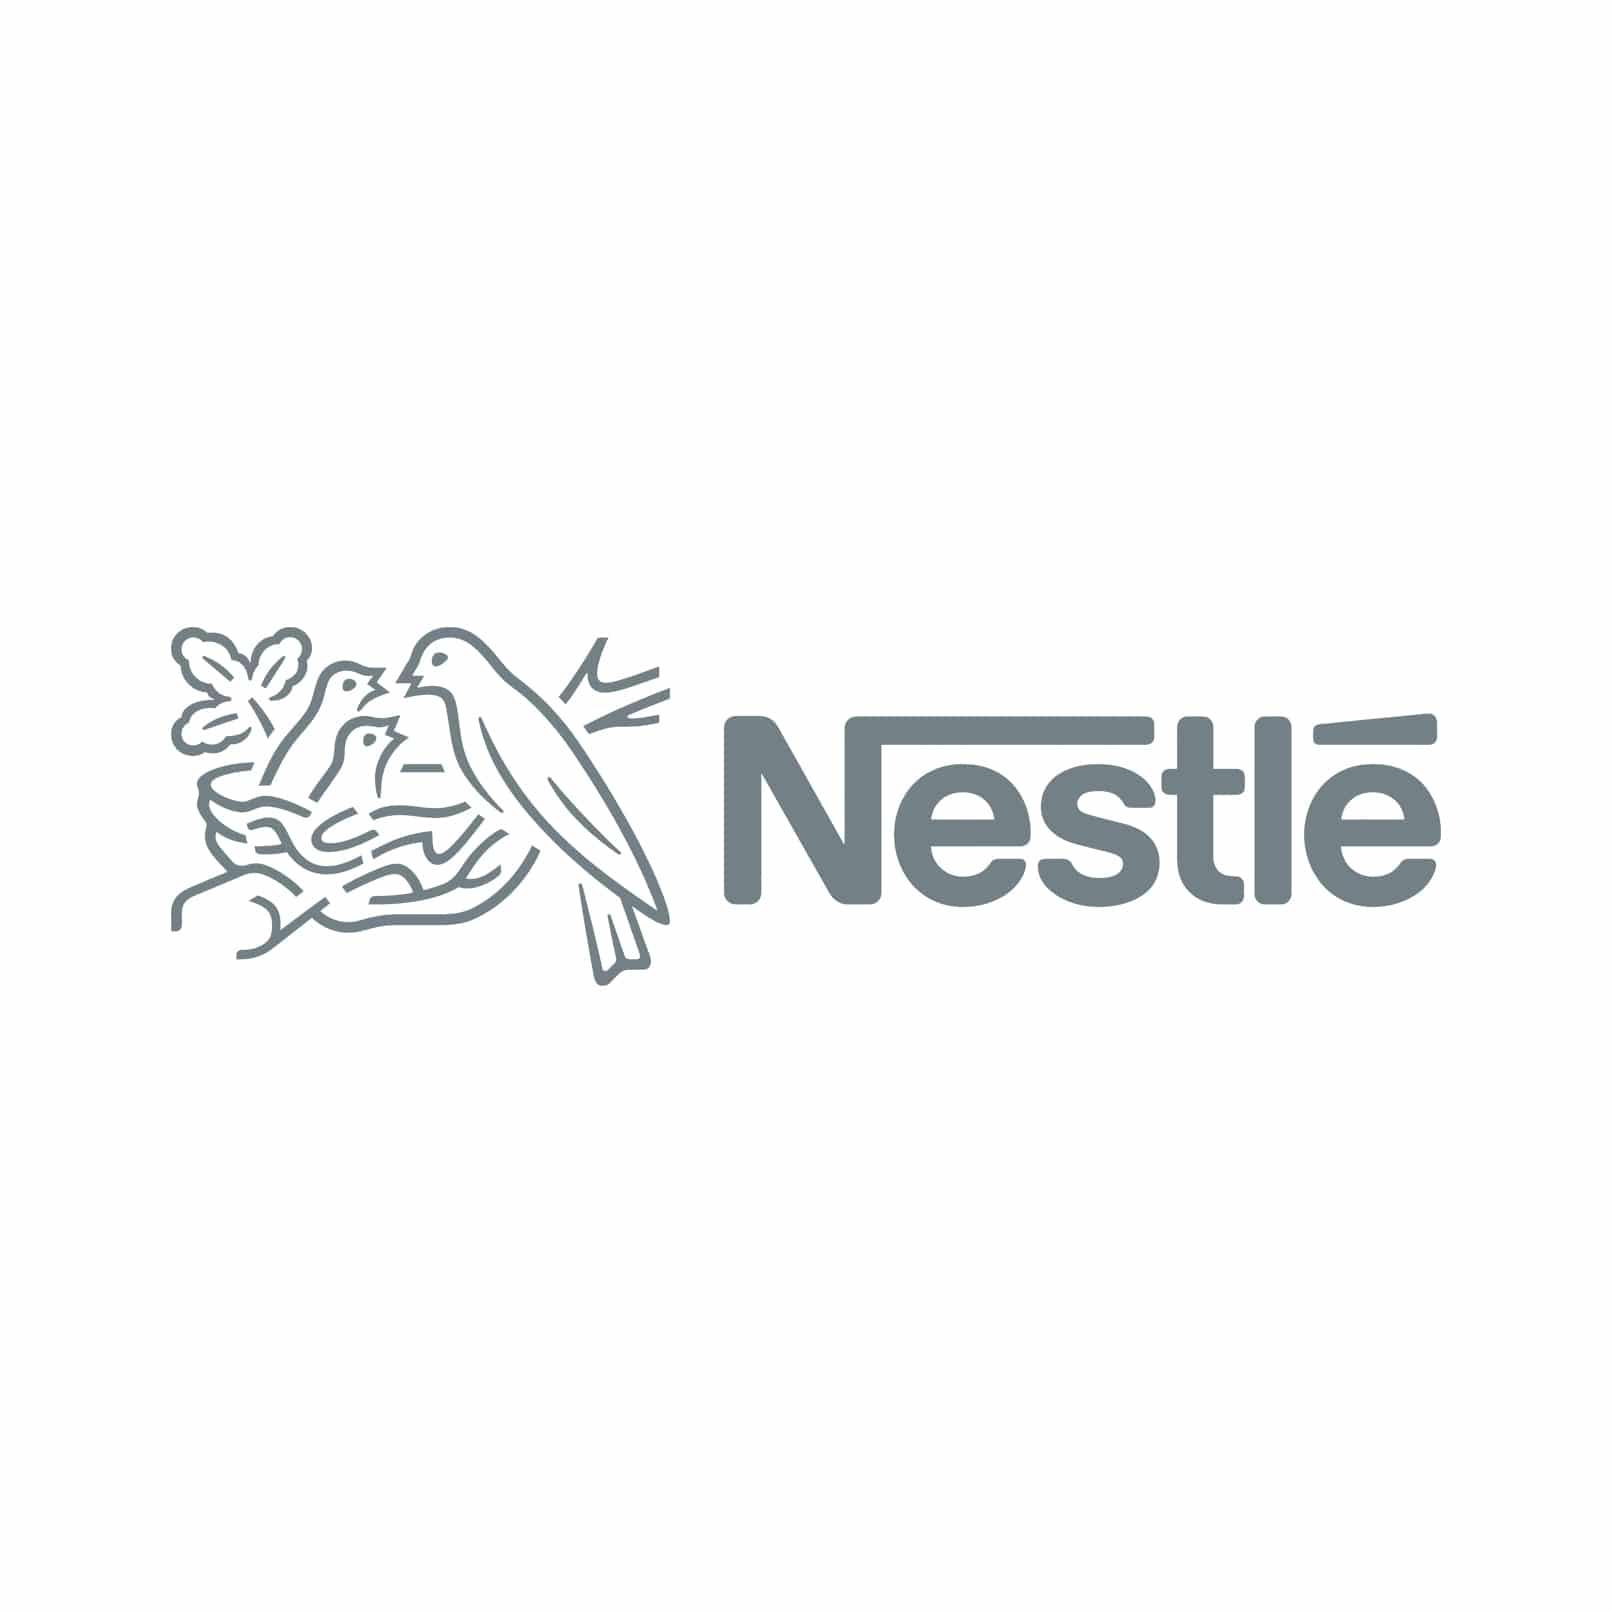 Nestle logo - Verité